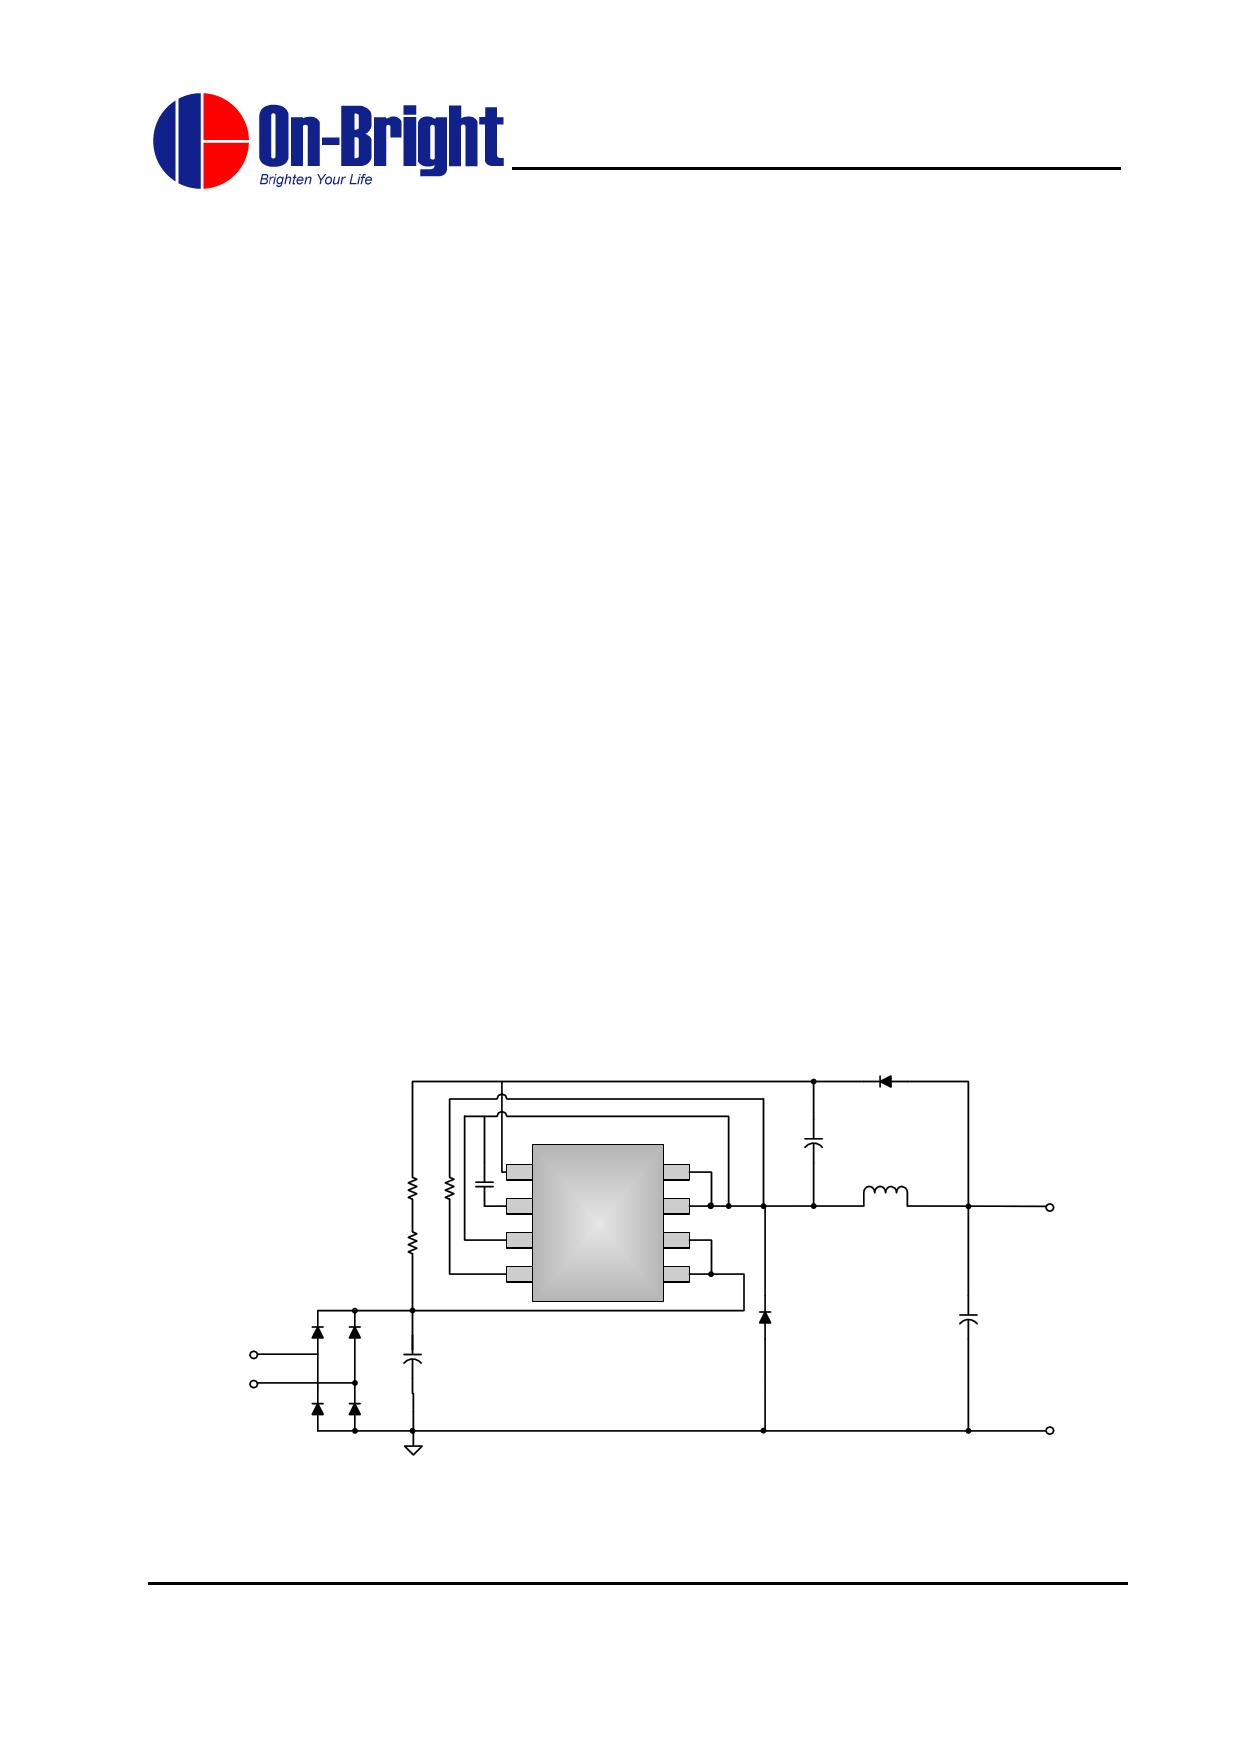 OB2223F datasheet